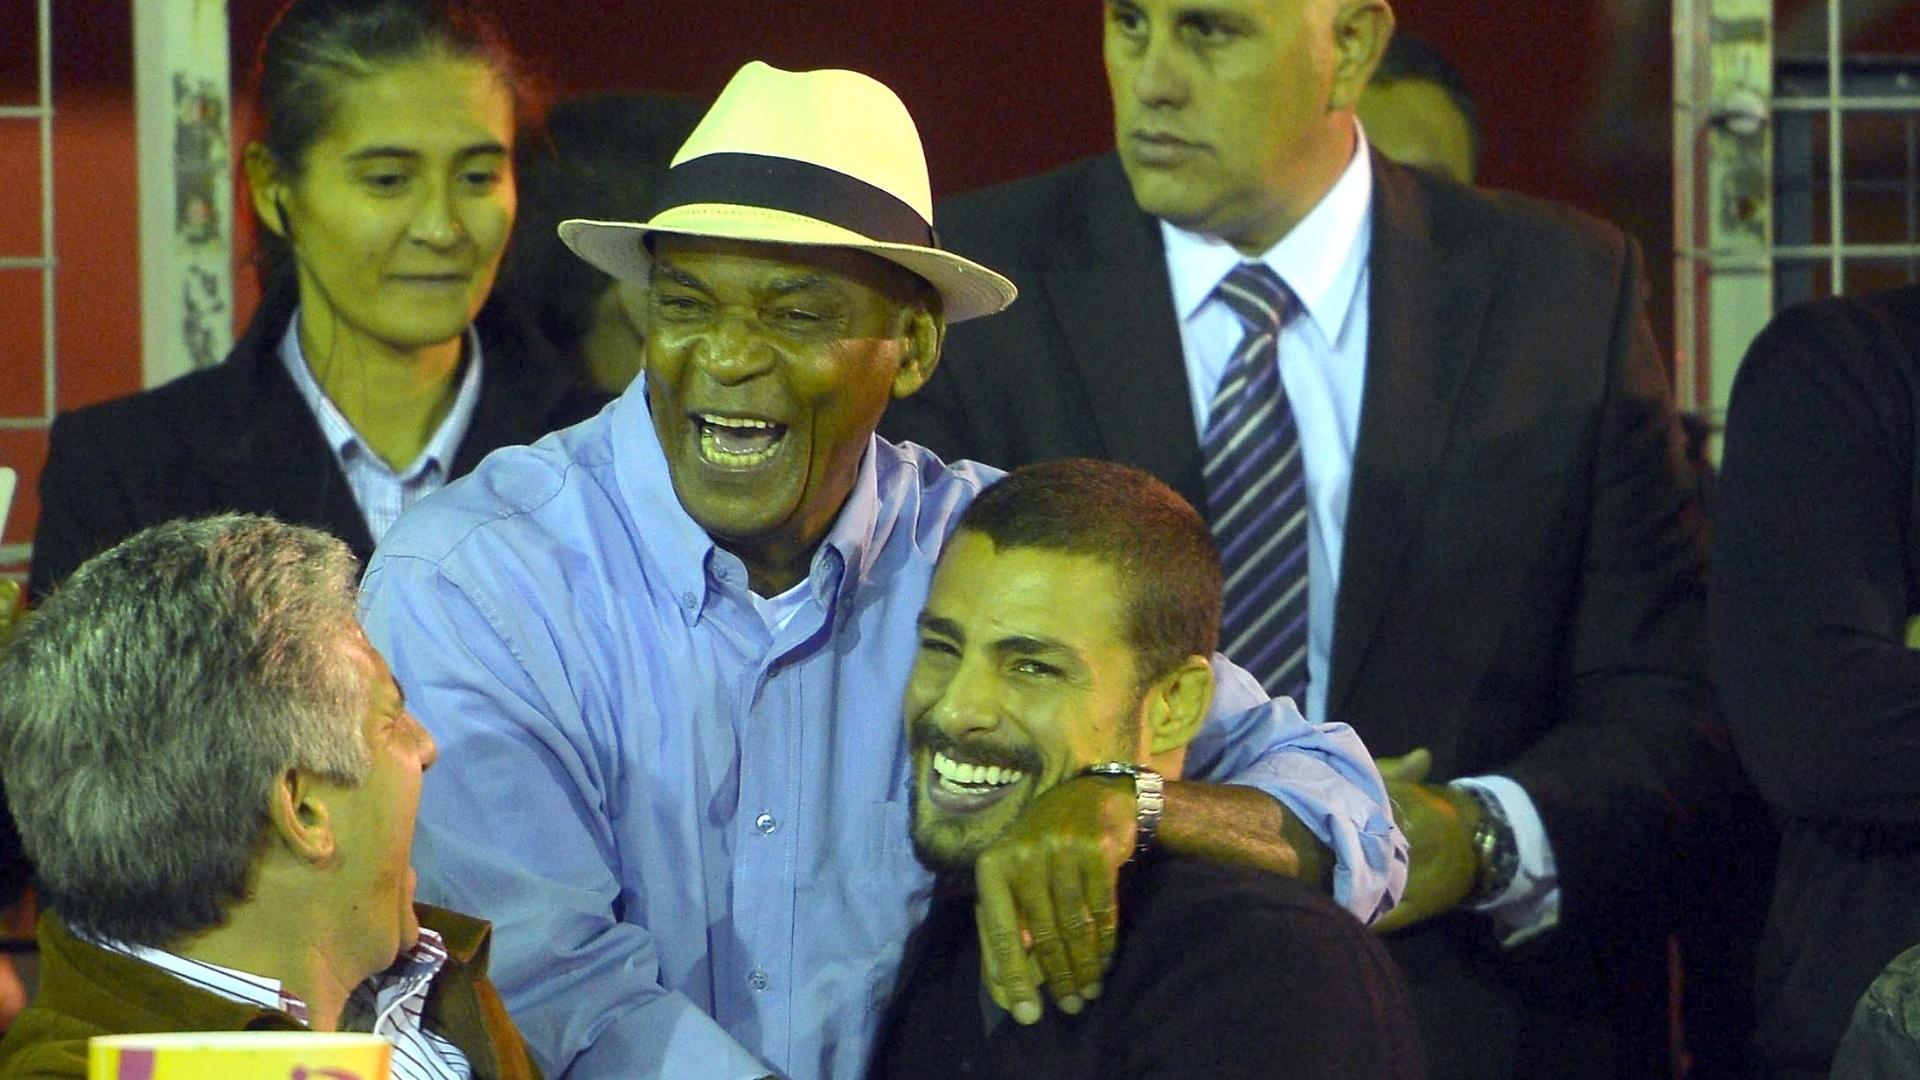 23.mar.2014 - Cauã Reymond recebe um abraço do ator Antonio Pitanga na quinta edição do Carnaval da cidade de San Luís, na Argentina. O ator é conhecido no país pelo Jorginho de